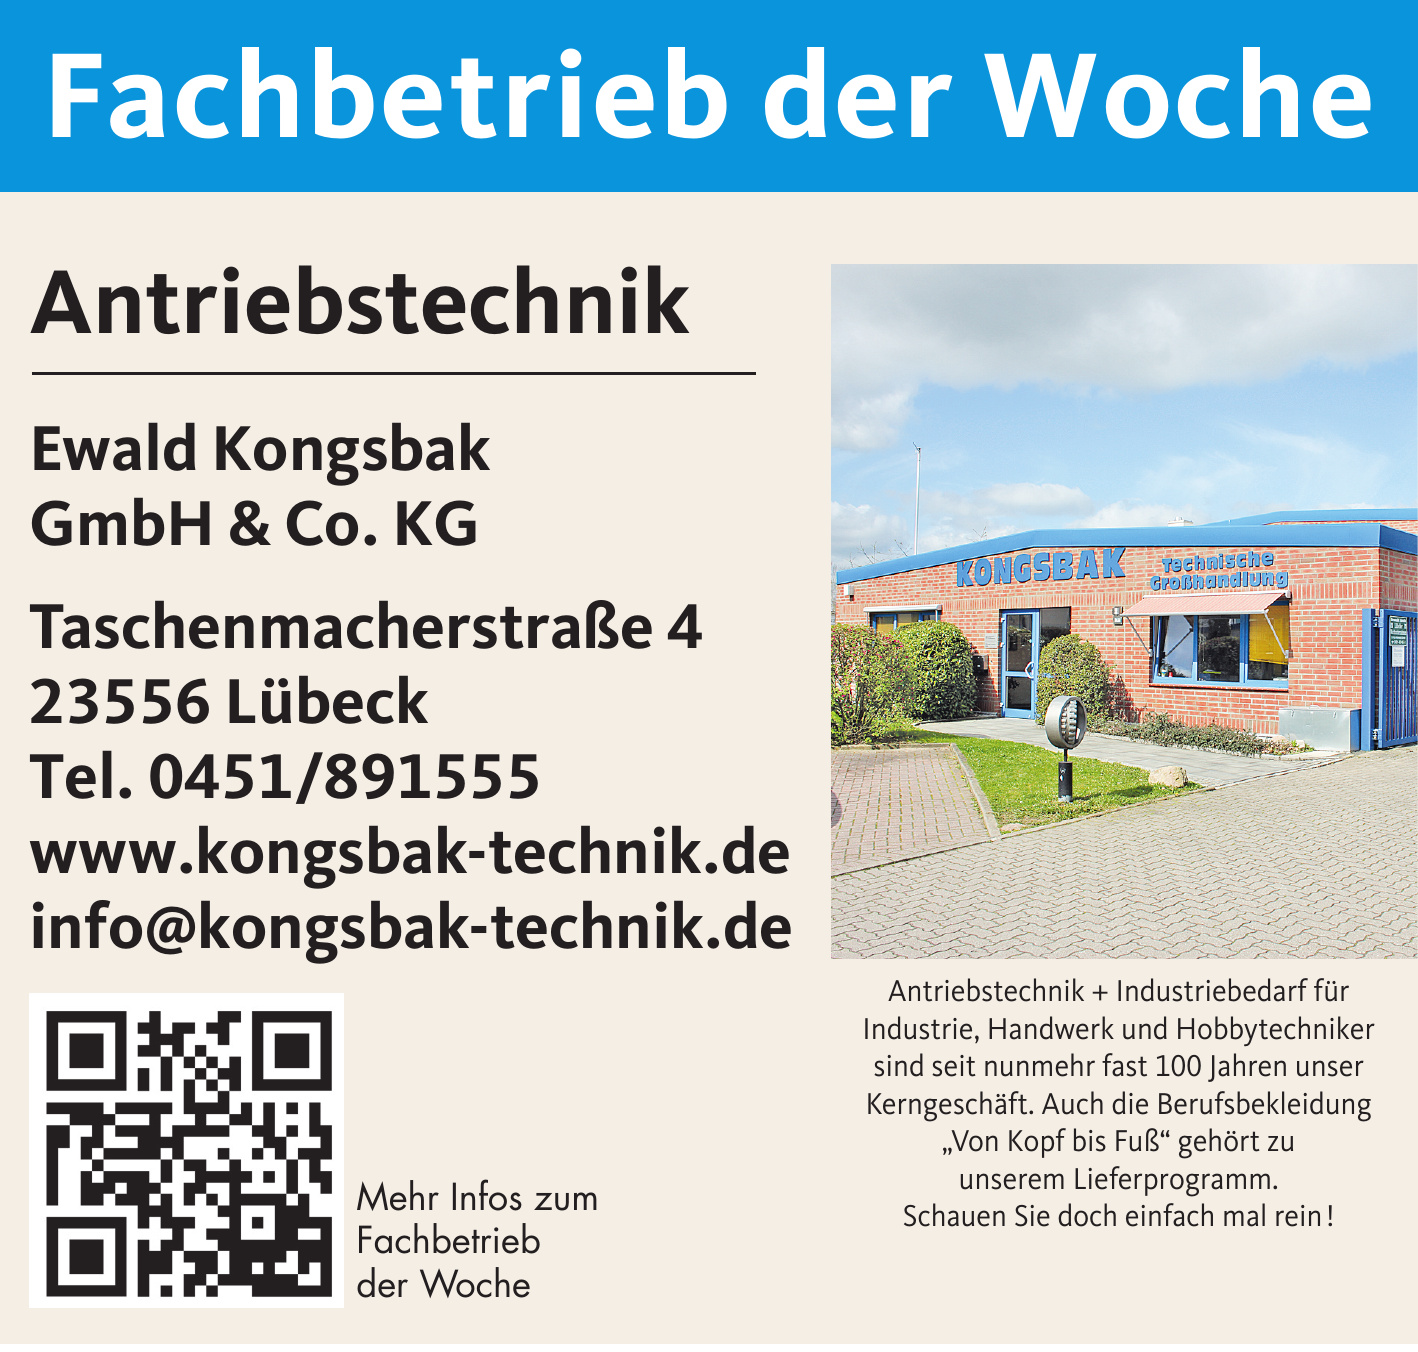 Ewald Kongsbak GmbH & Co. KG